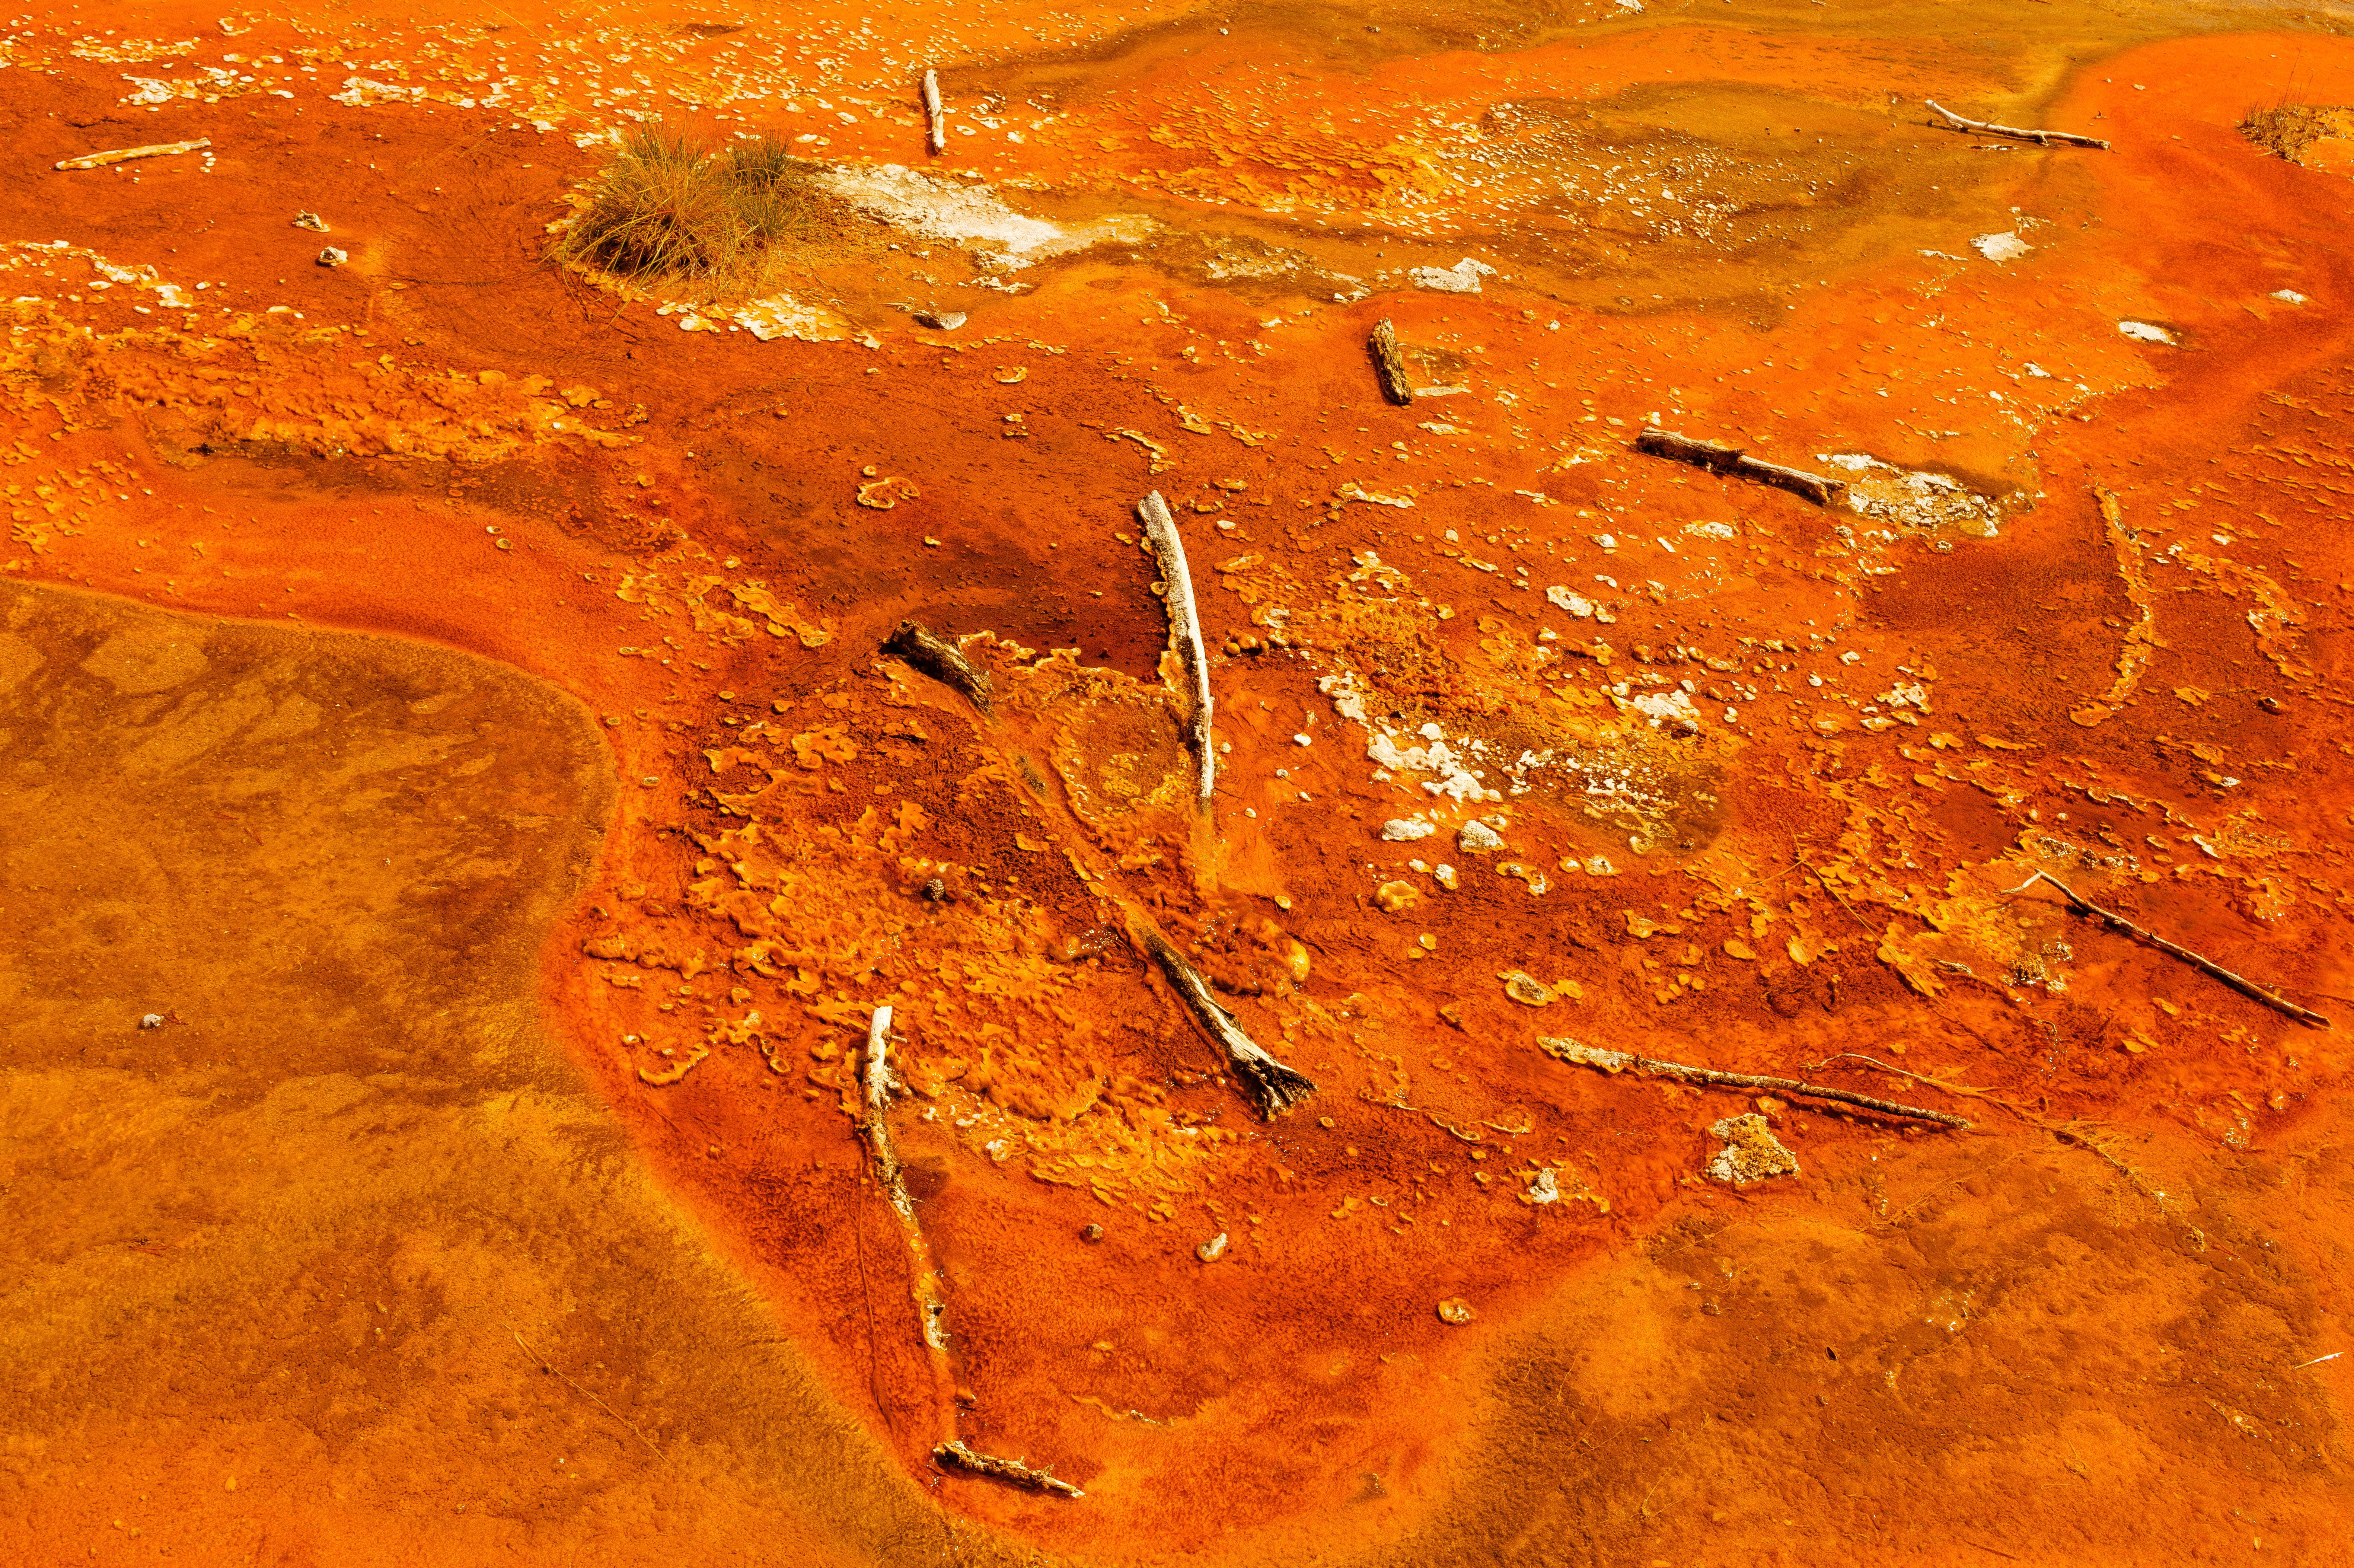 Une colonie de bactéries thermophiles des sources chaudes de Yellowstone